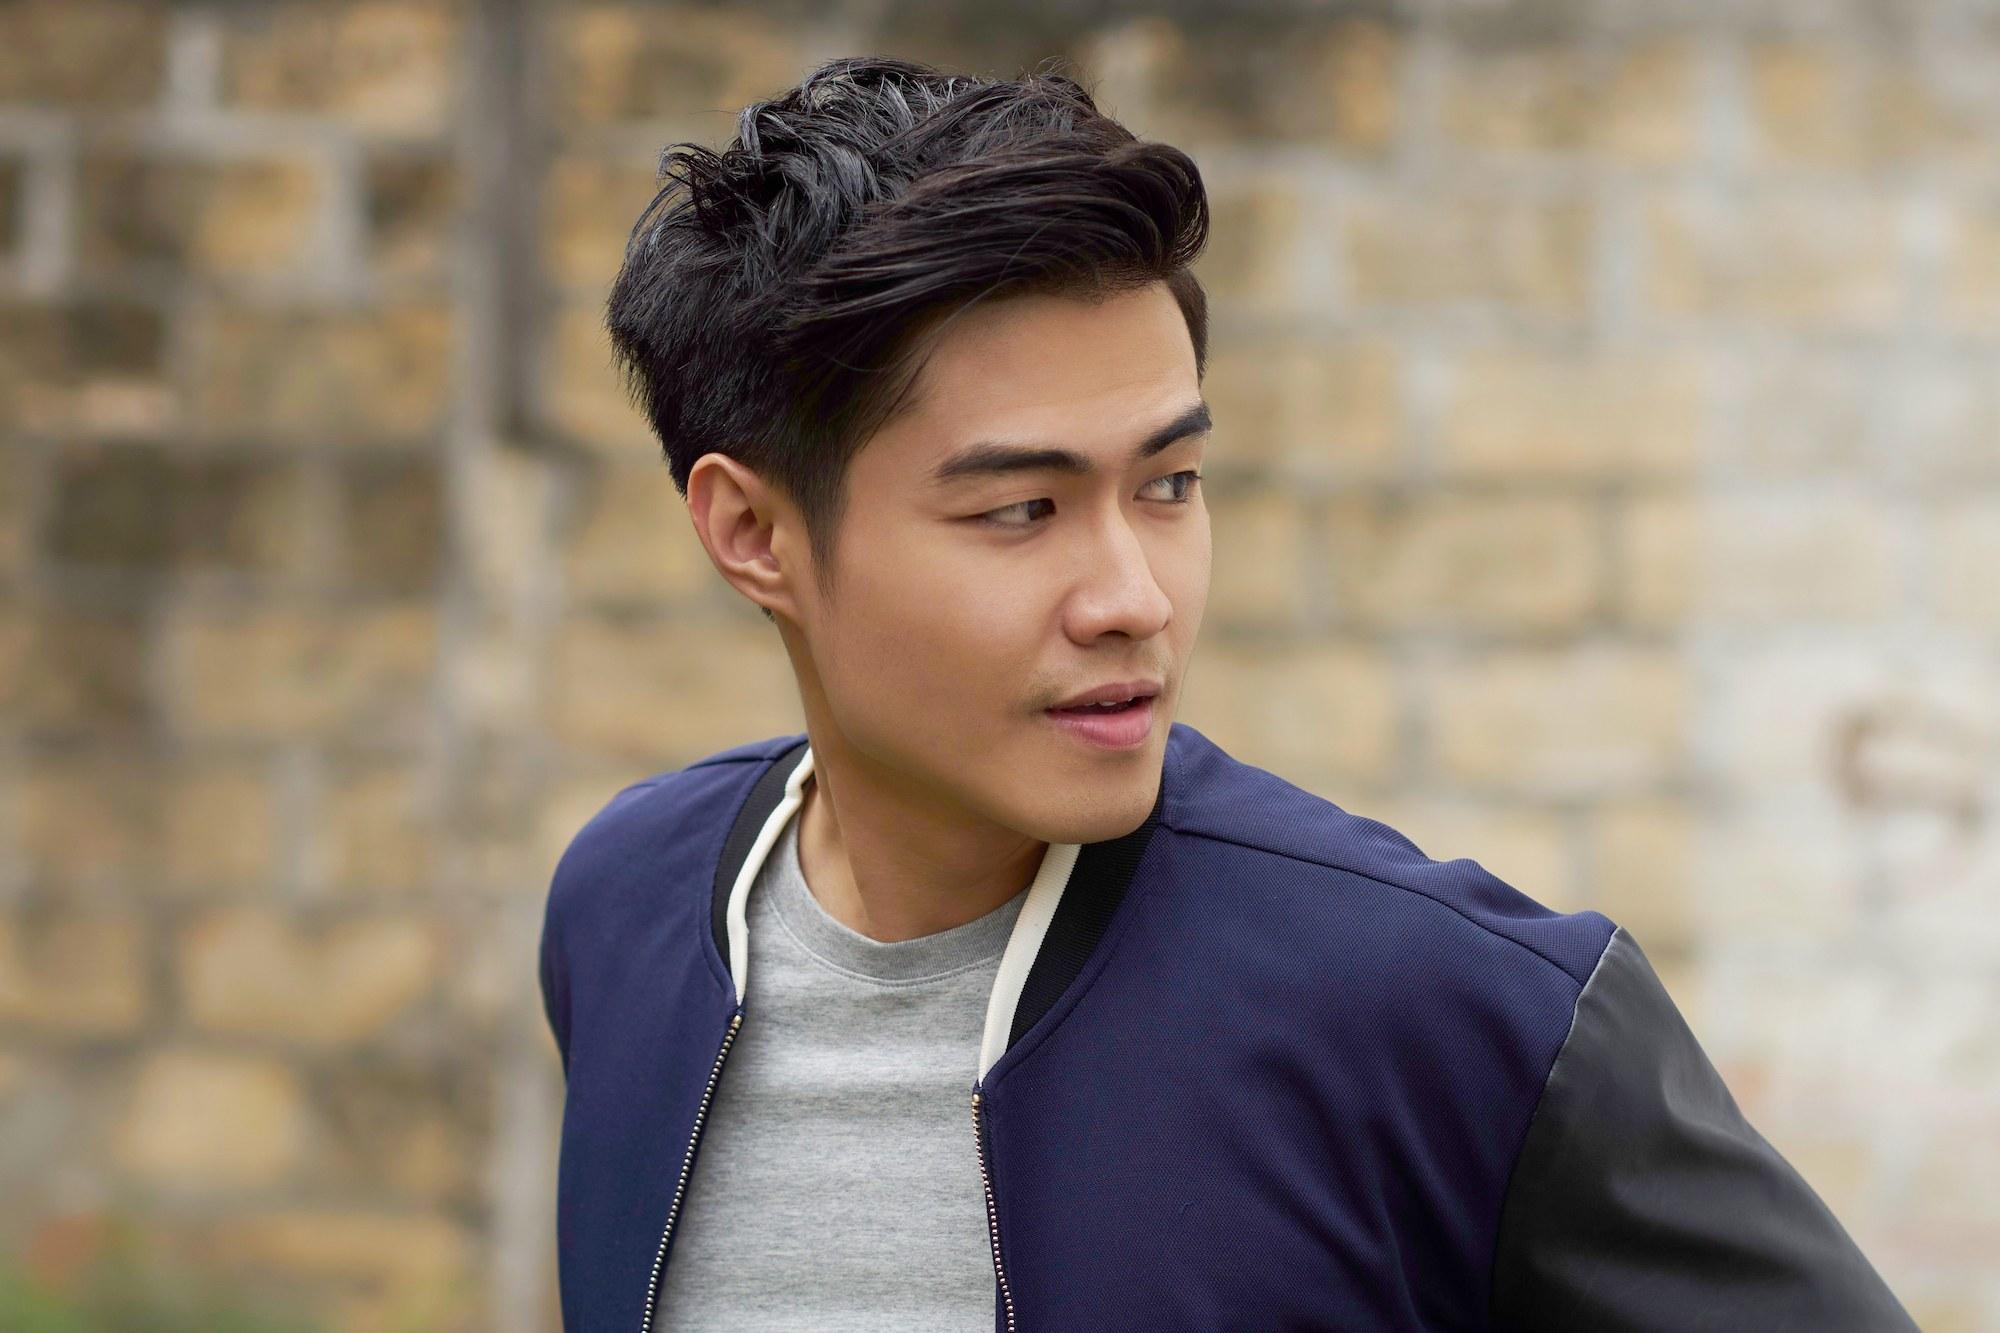 Pria asia dengan model rambut belah samping.